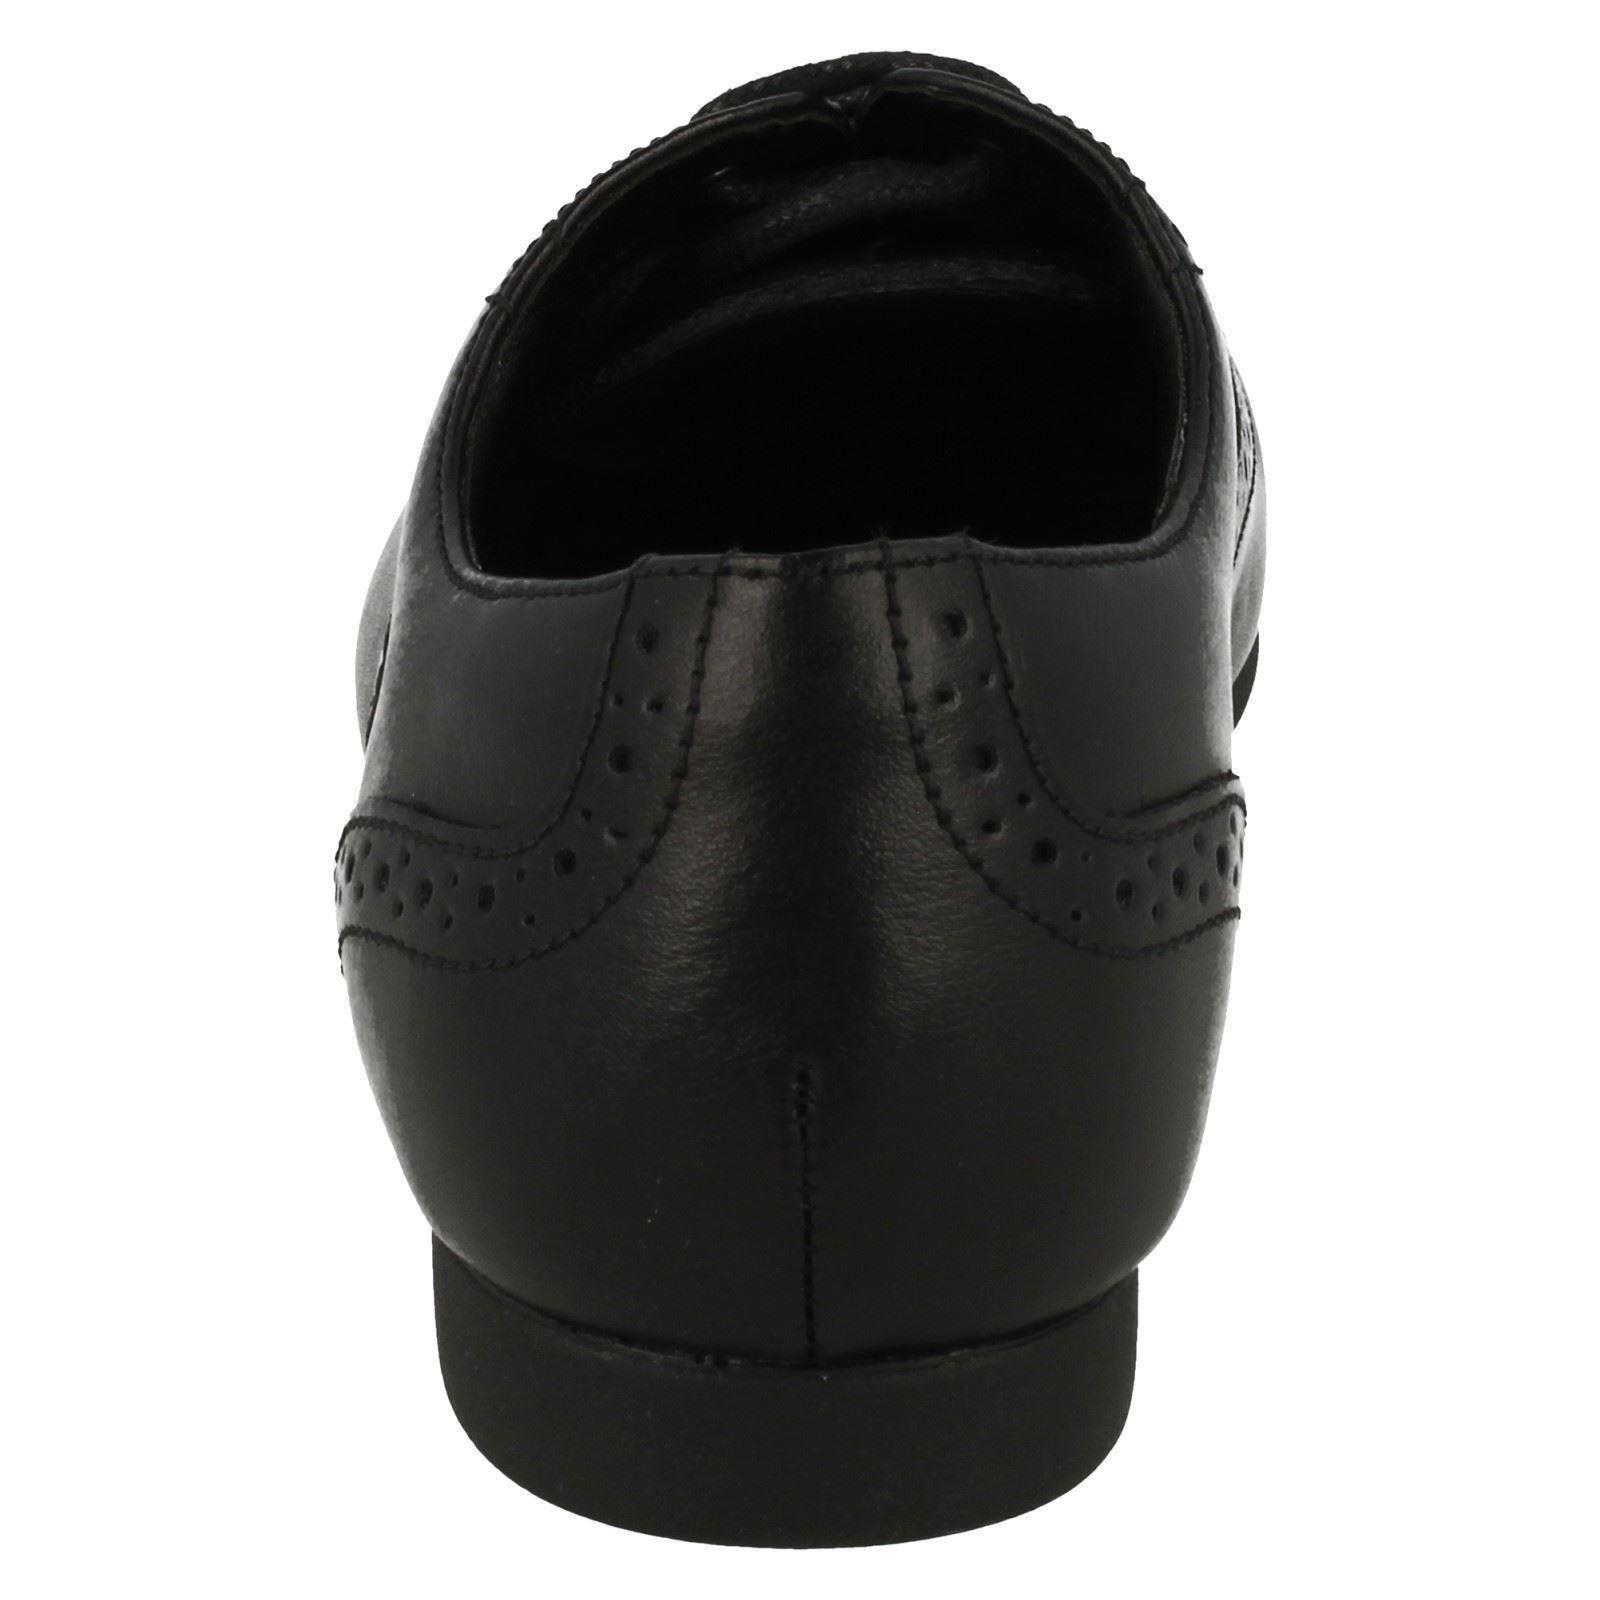 Niñas cuero Black zapatos Brogue la Style escuela Up de Lace Patent Selsey Leather Clarks de Cool rrpqxfwR